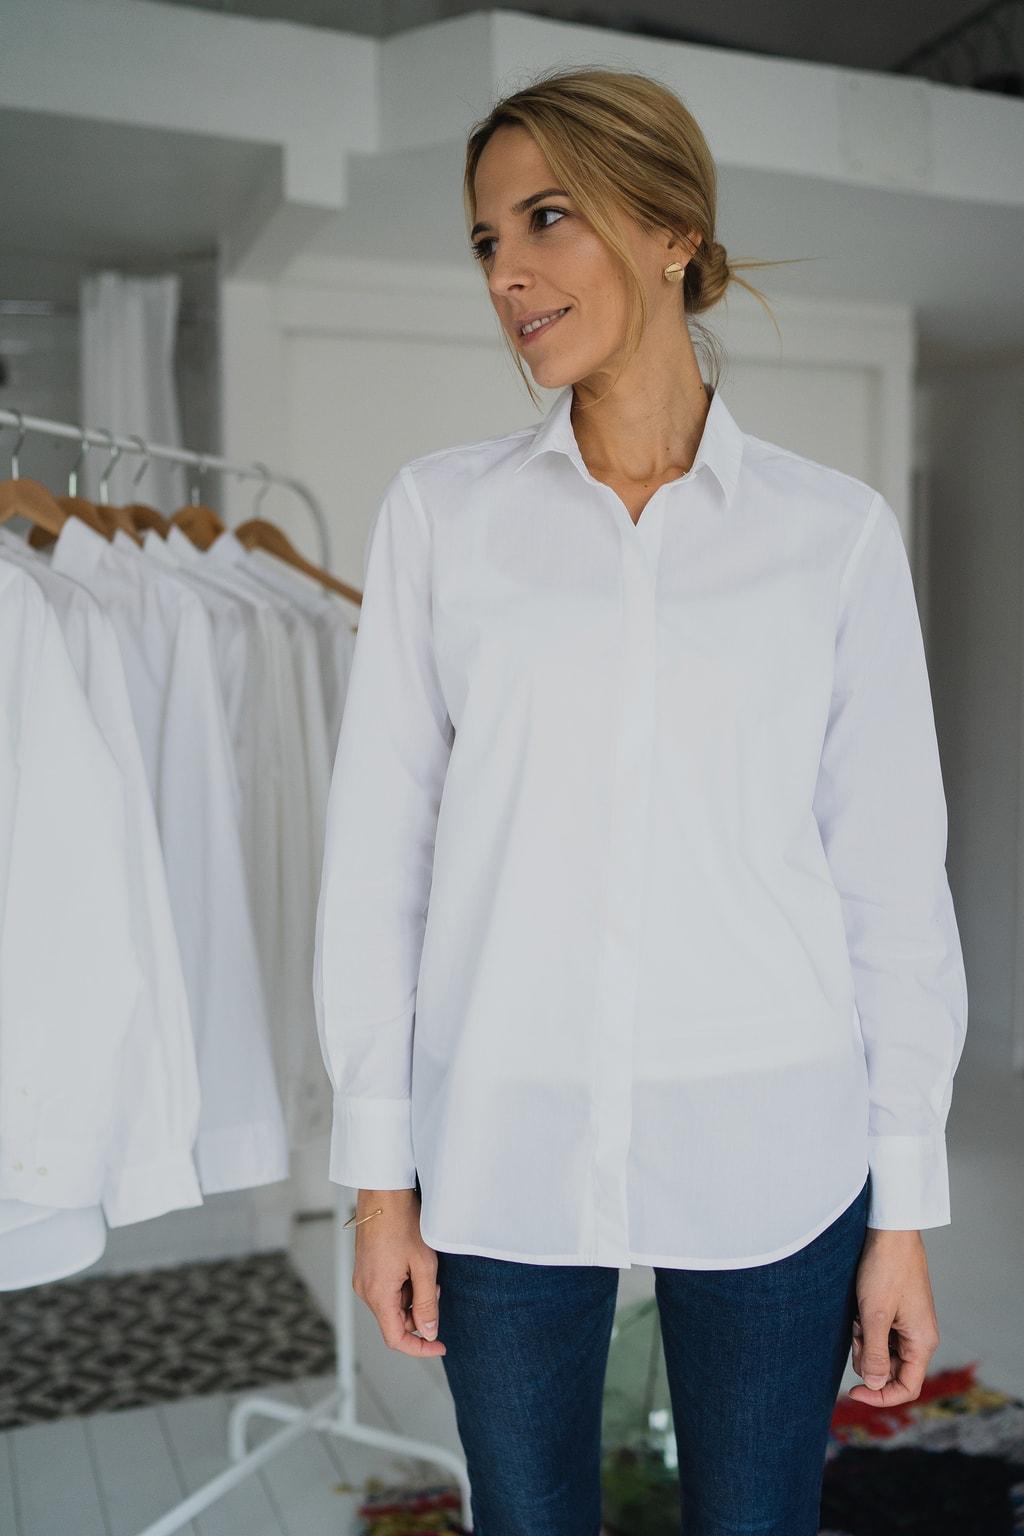 Trouver la chemise blanche idéale   8 marques au banc d essai - Le ... b606c8d48456